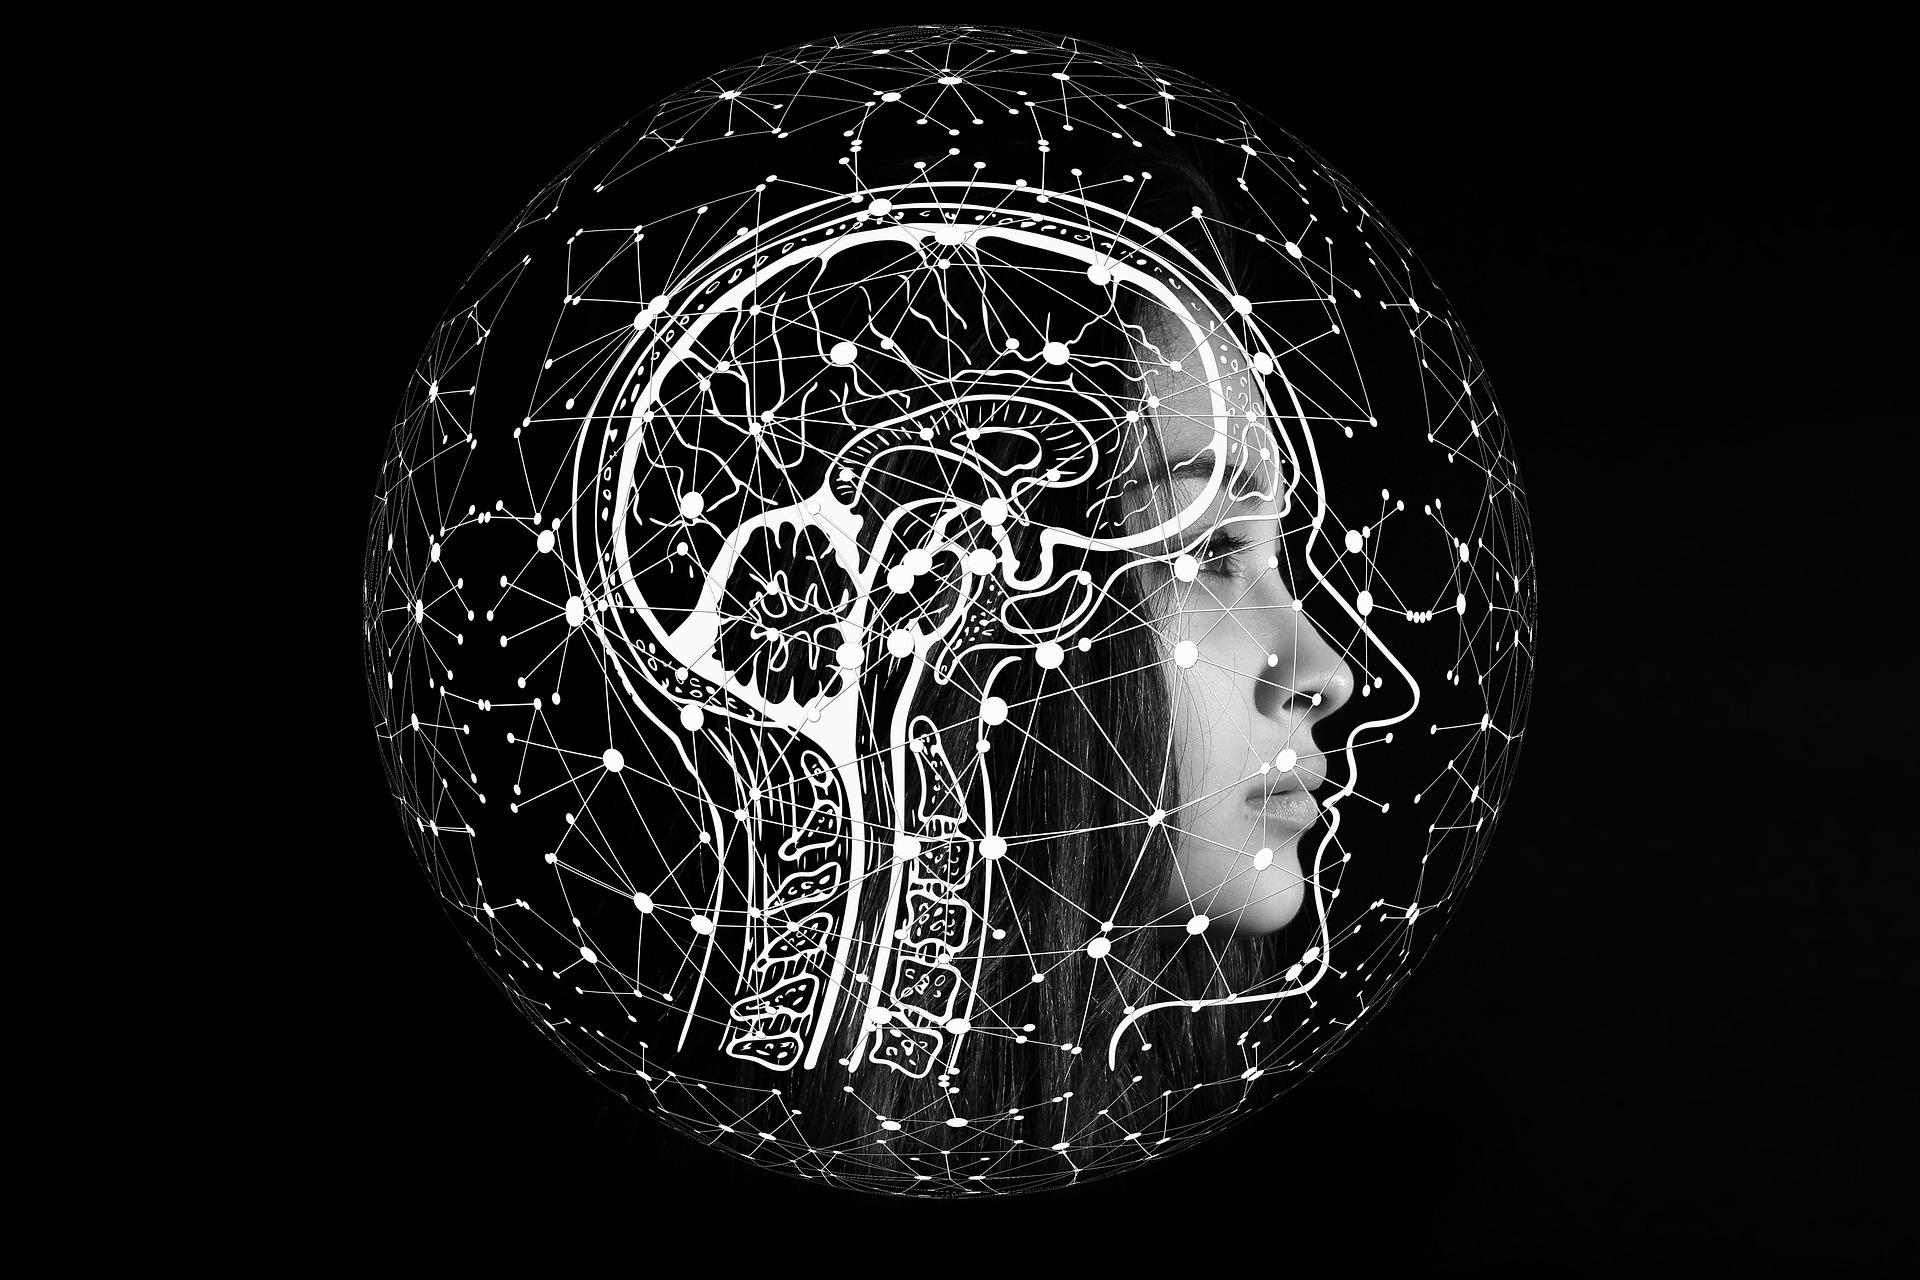 Десять умных цитат про прекрасную и удивительную науку